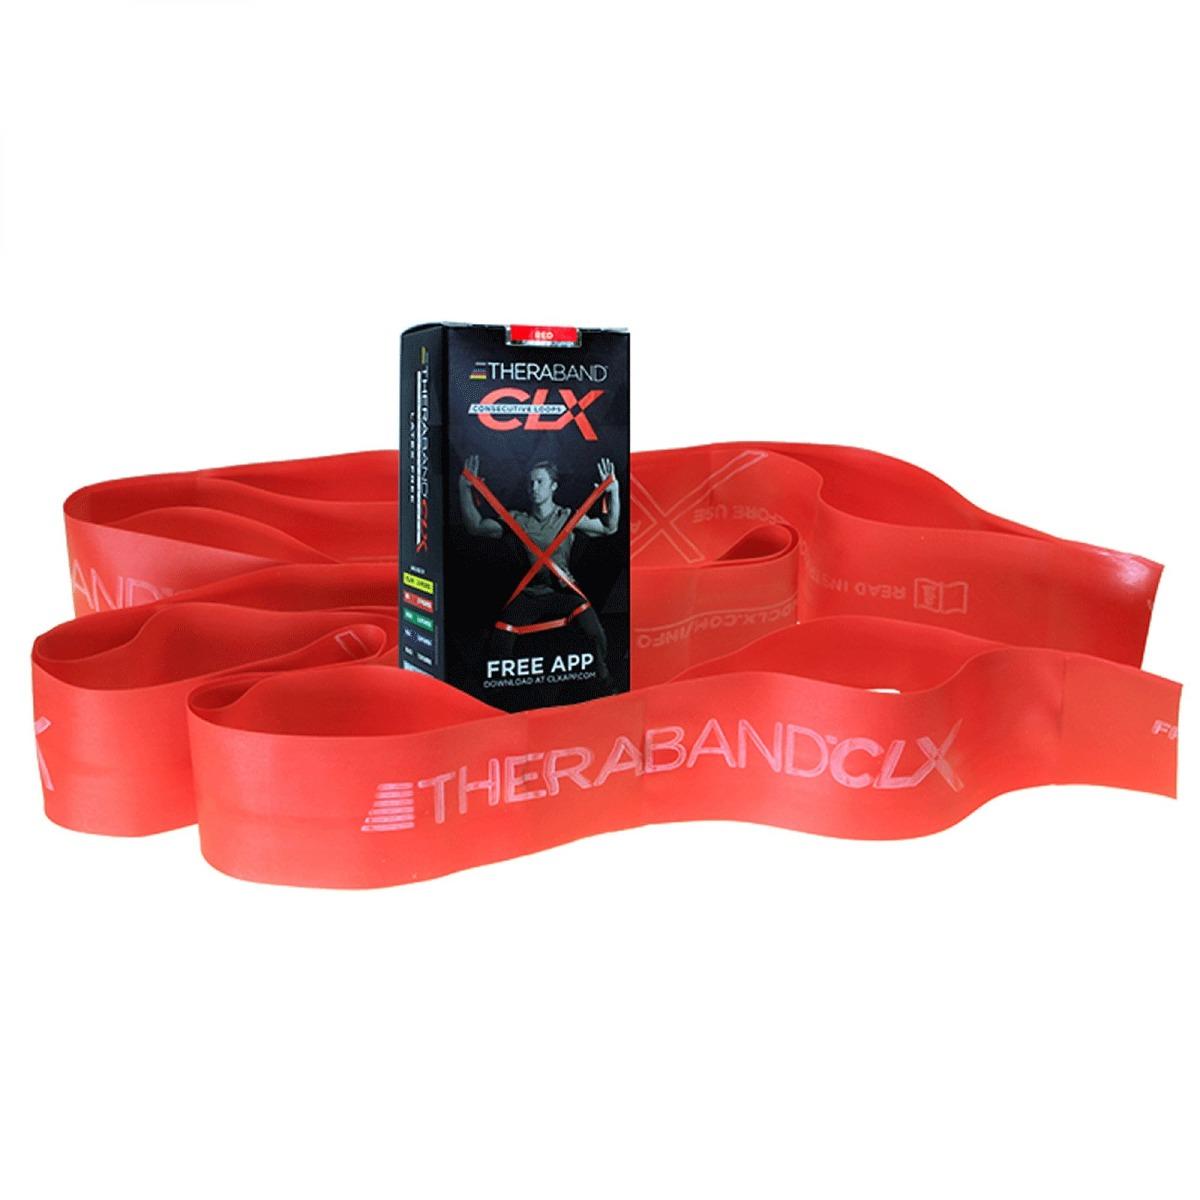 TheraBand CLX - Consecutive Loops, 2, Individual 5-Foot